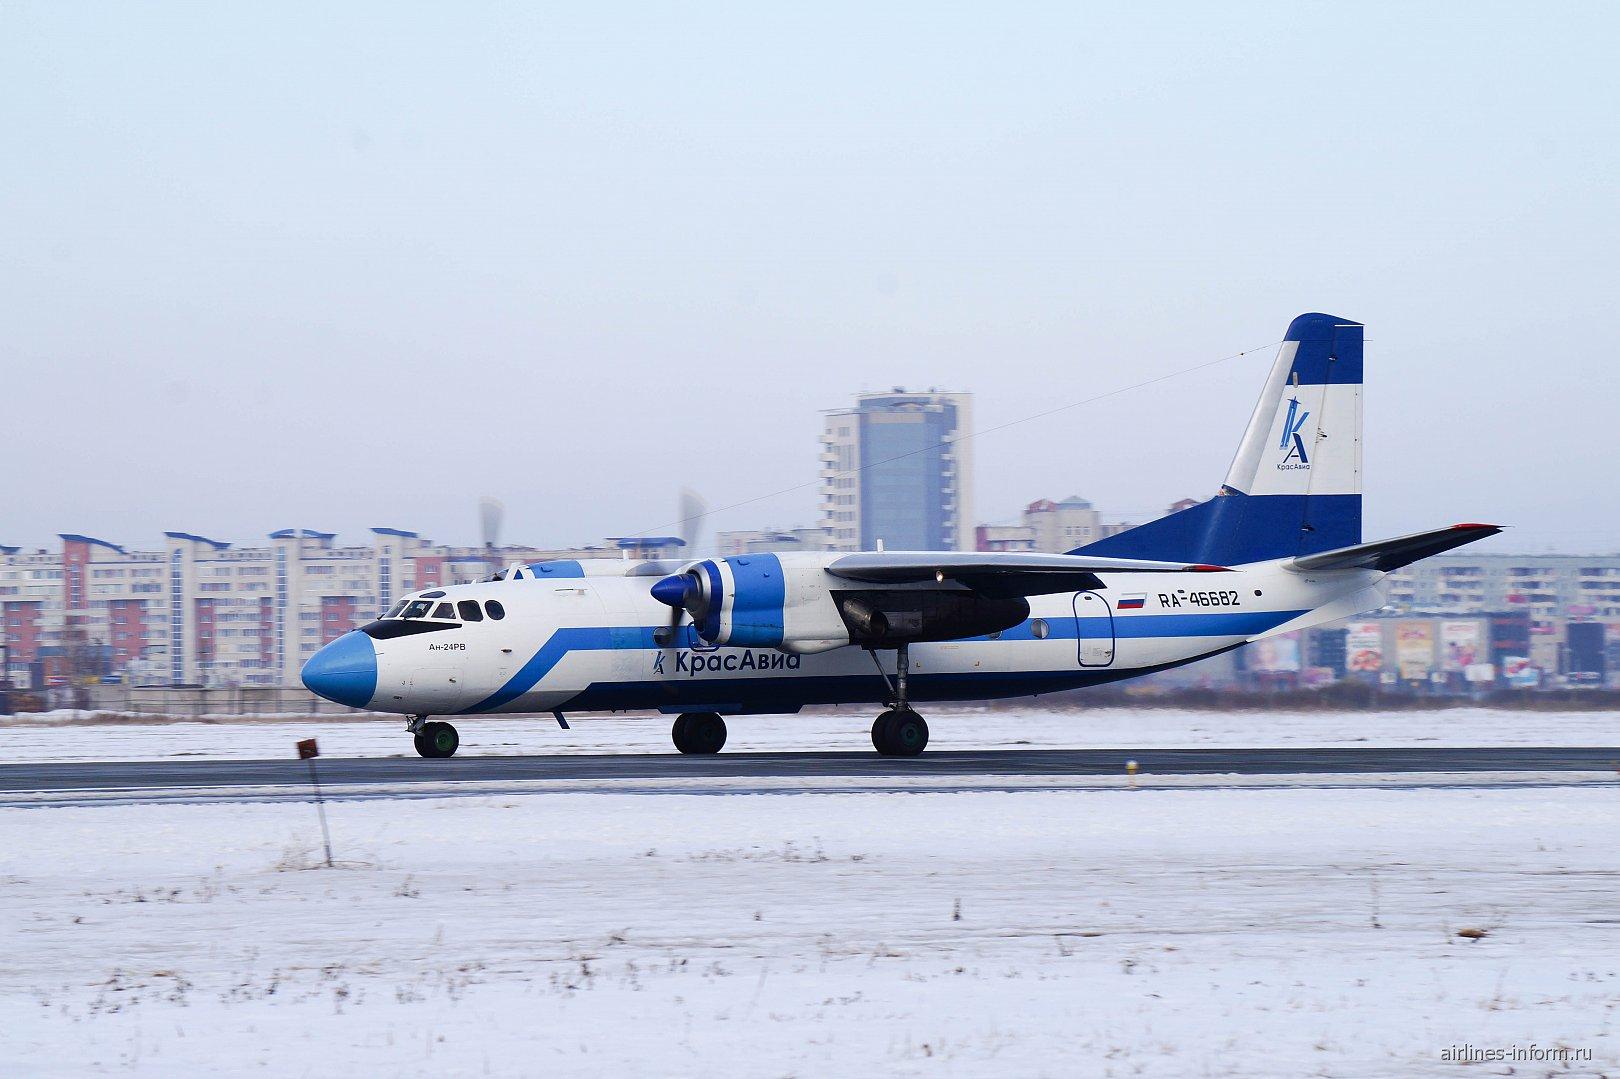 """Самолет Ан-24 RA-46682 авиакомпании """"Красавиа"""" в аэропорту Омска"""